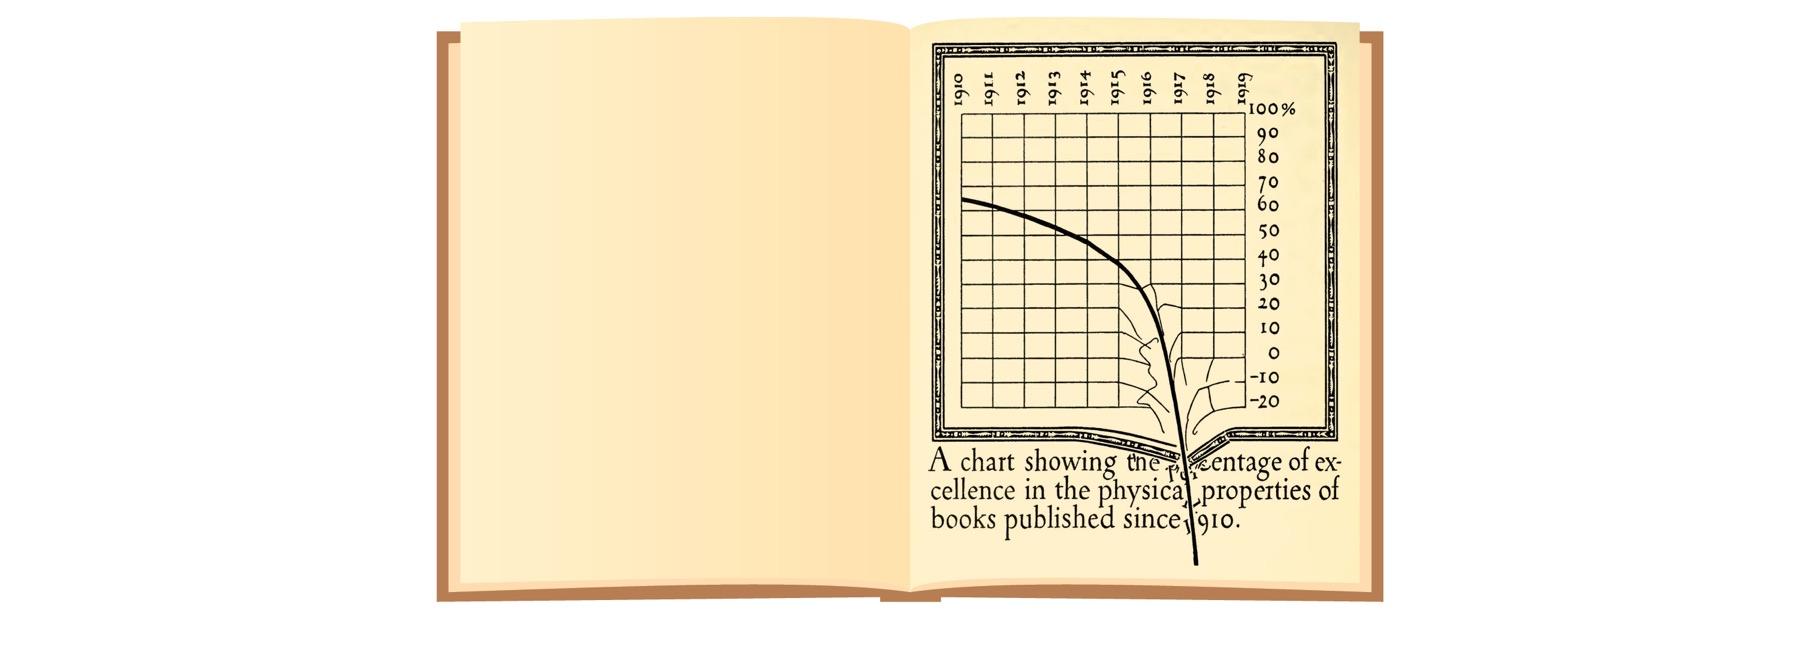 William Addison Dwiggins, l'inventore del graphic design